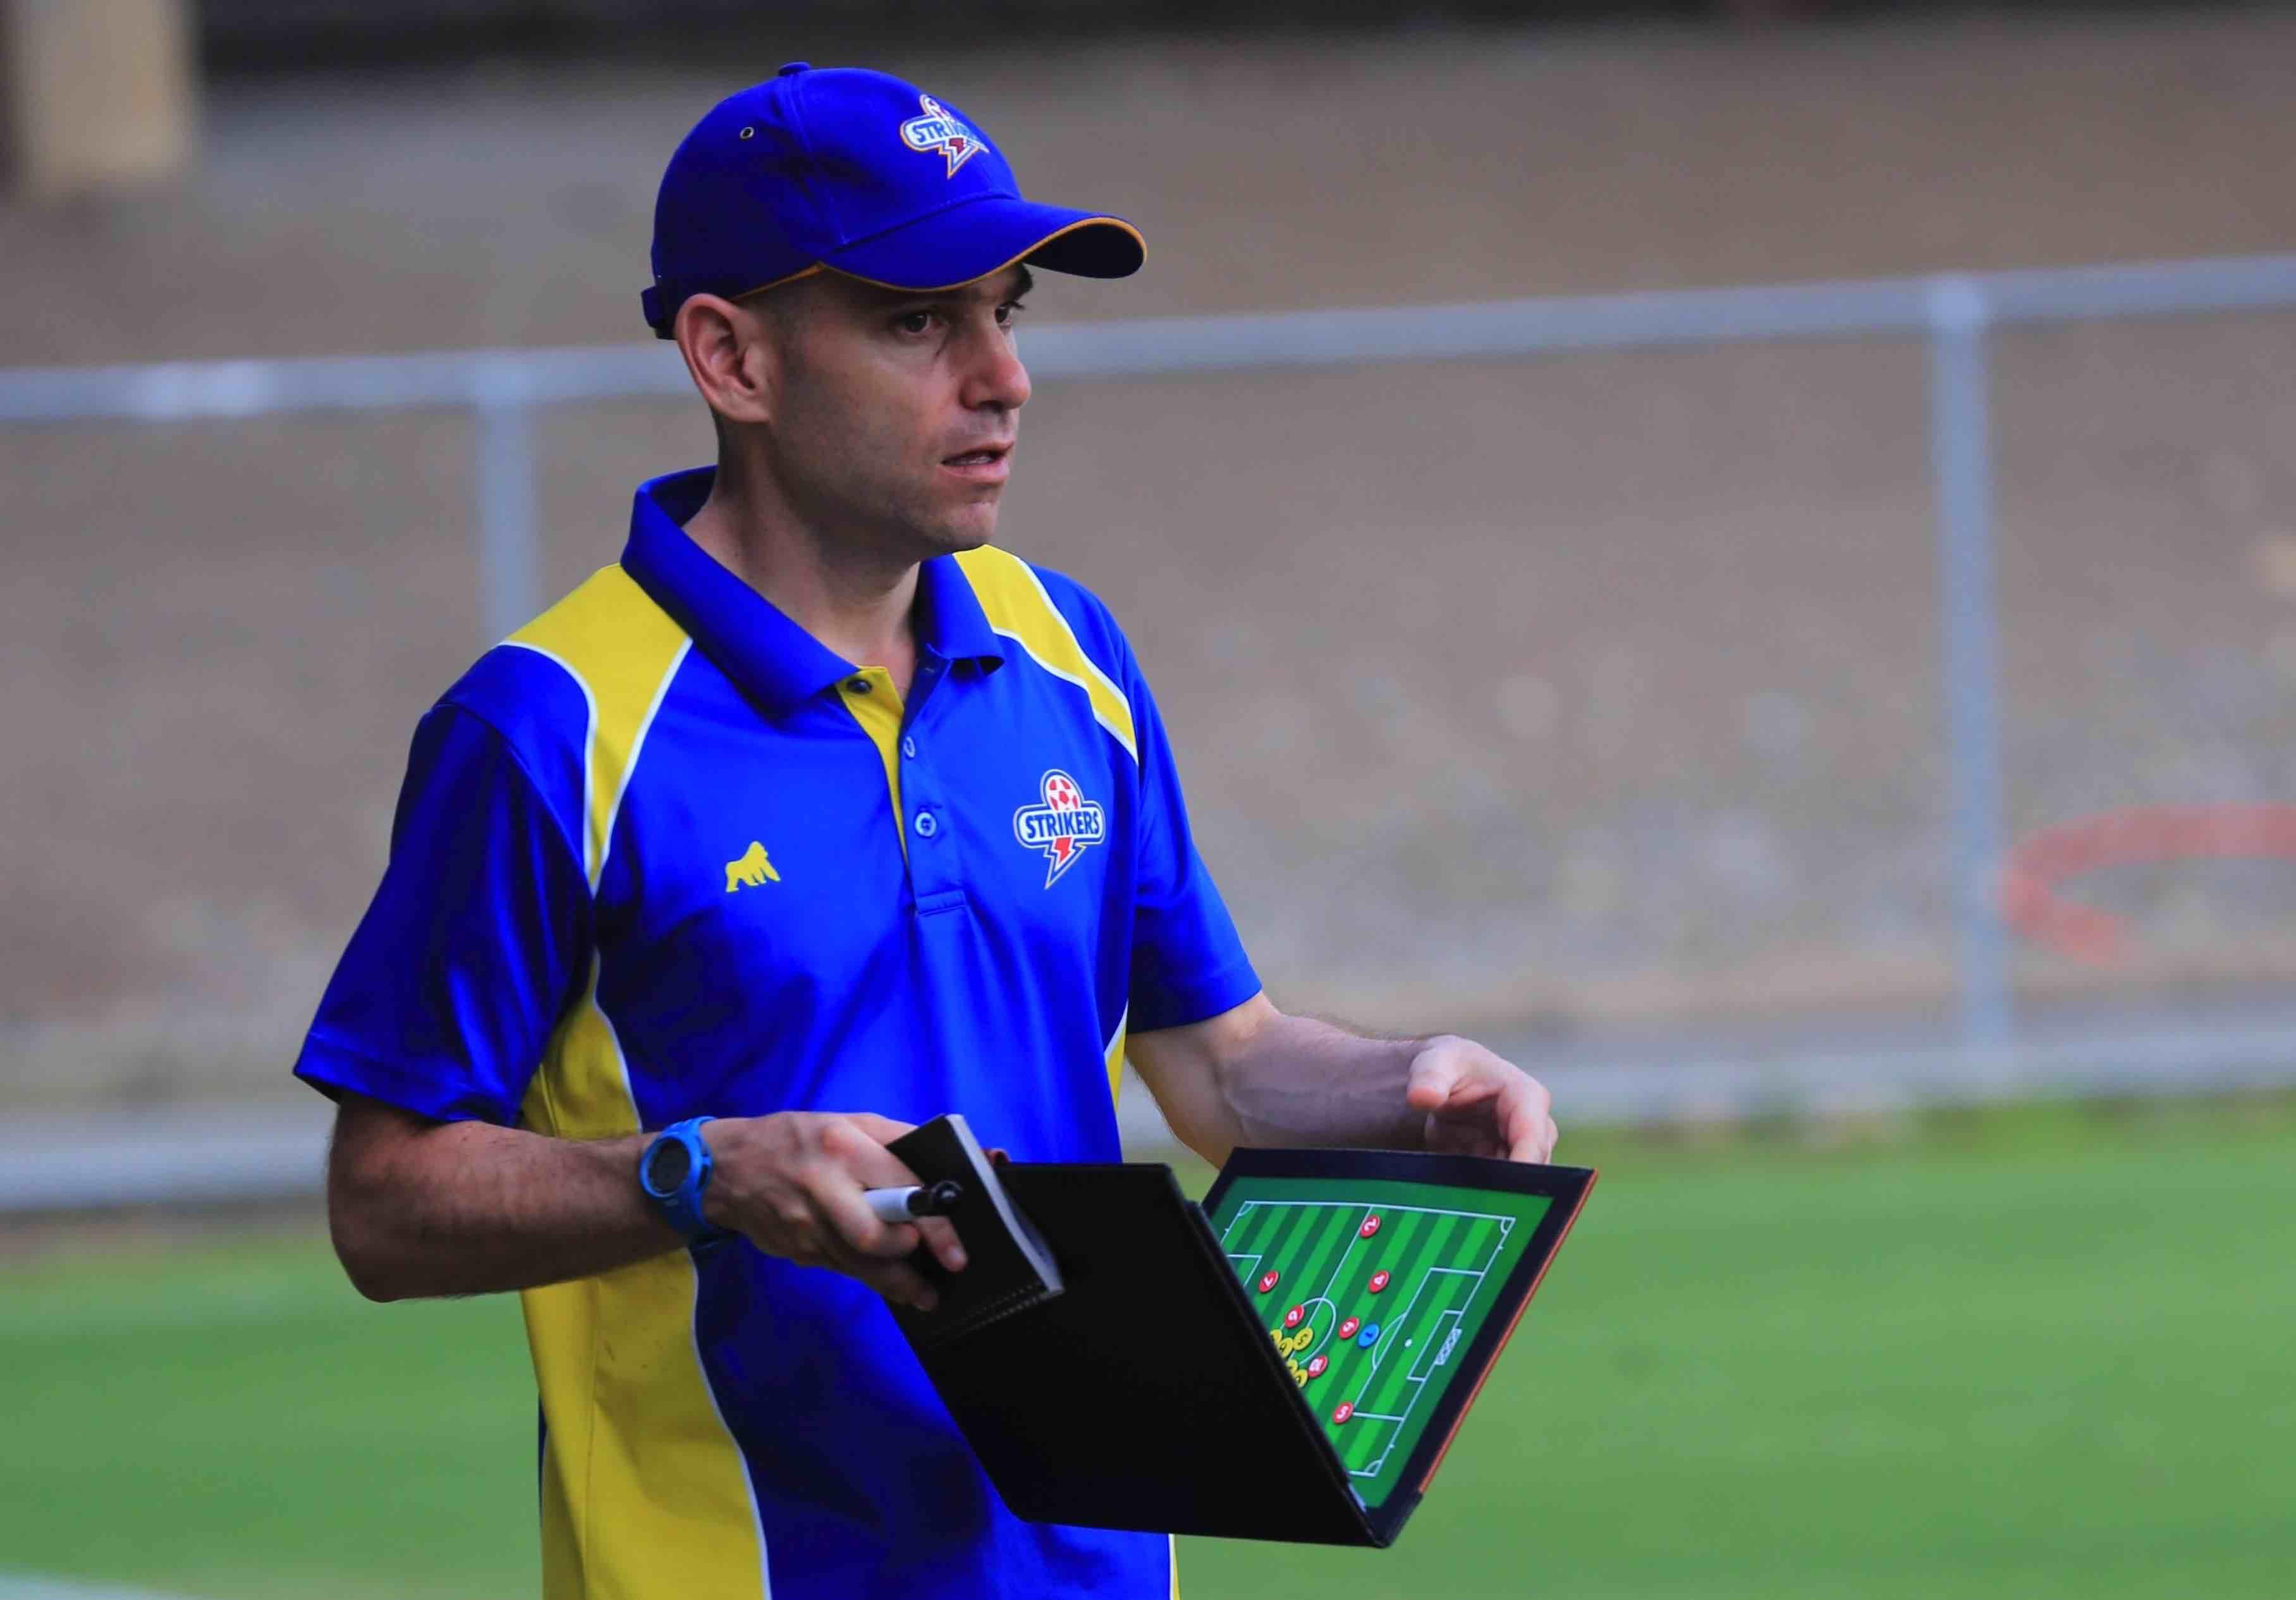 El ex entrenador de cantera del Rayo Majadahonda Nacho Ferrer triunfa en Australia con el Brisbane Strikers: primer título